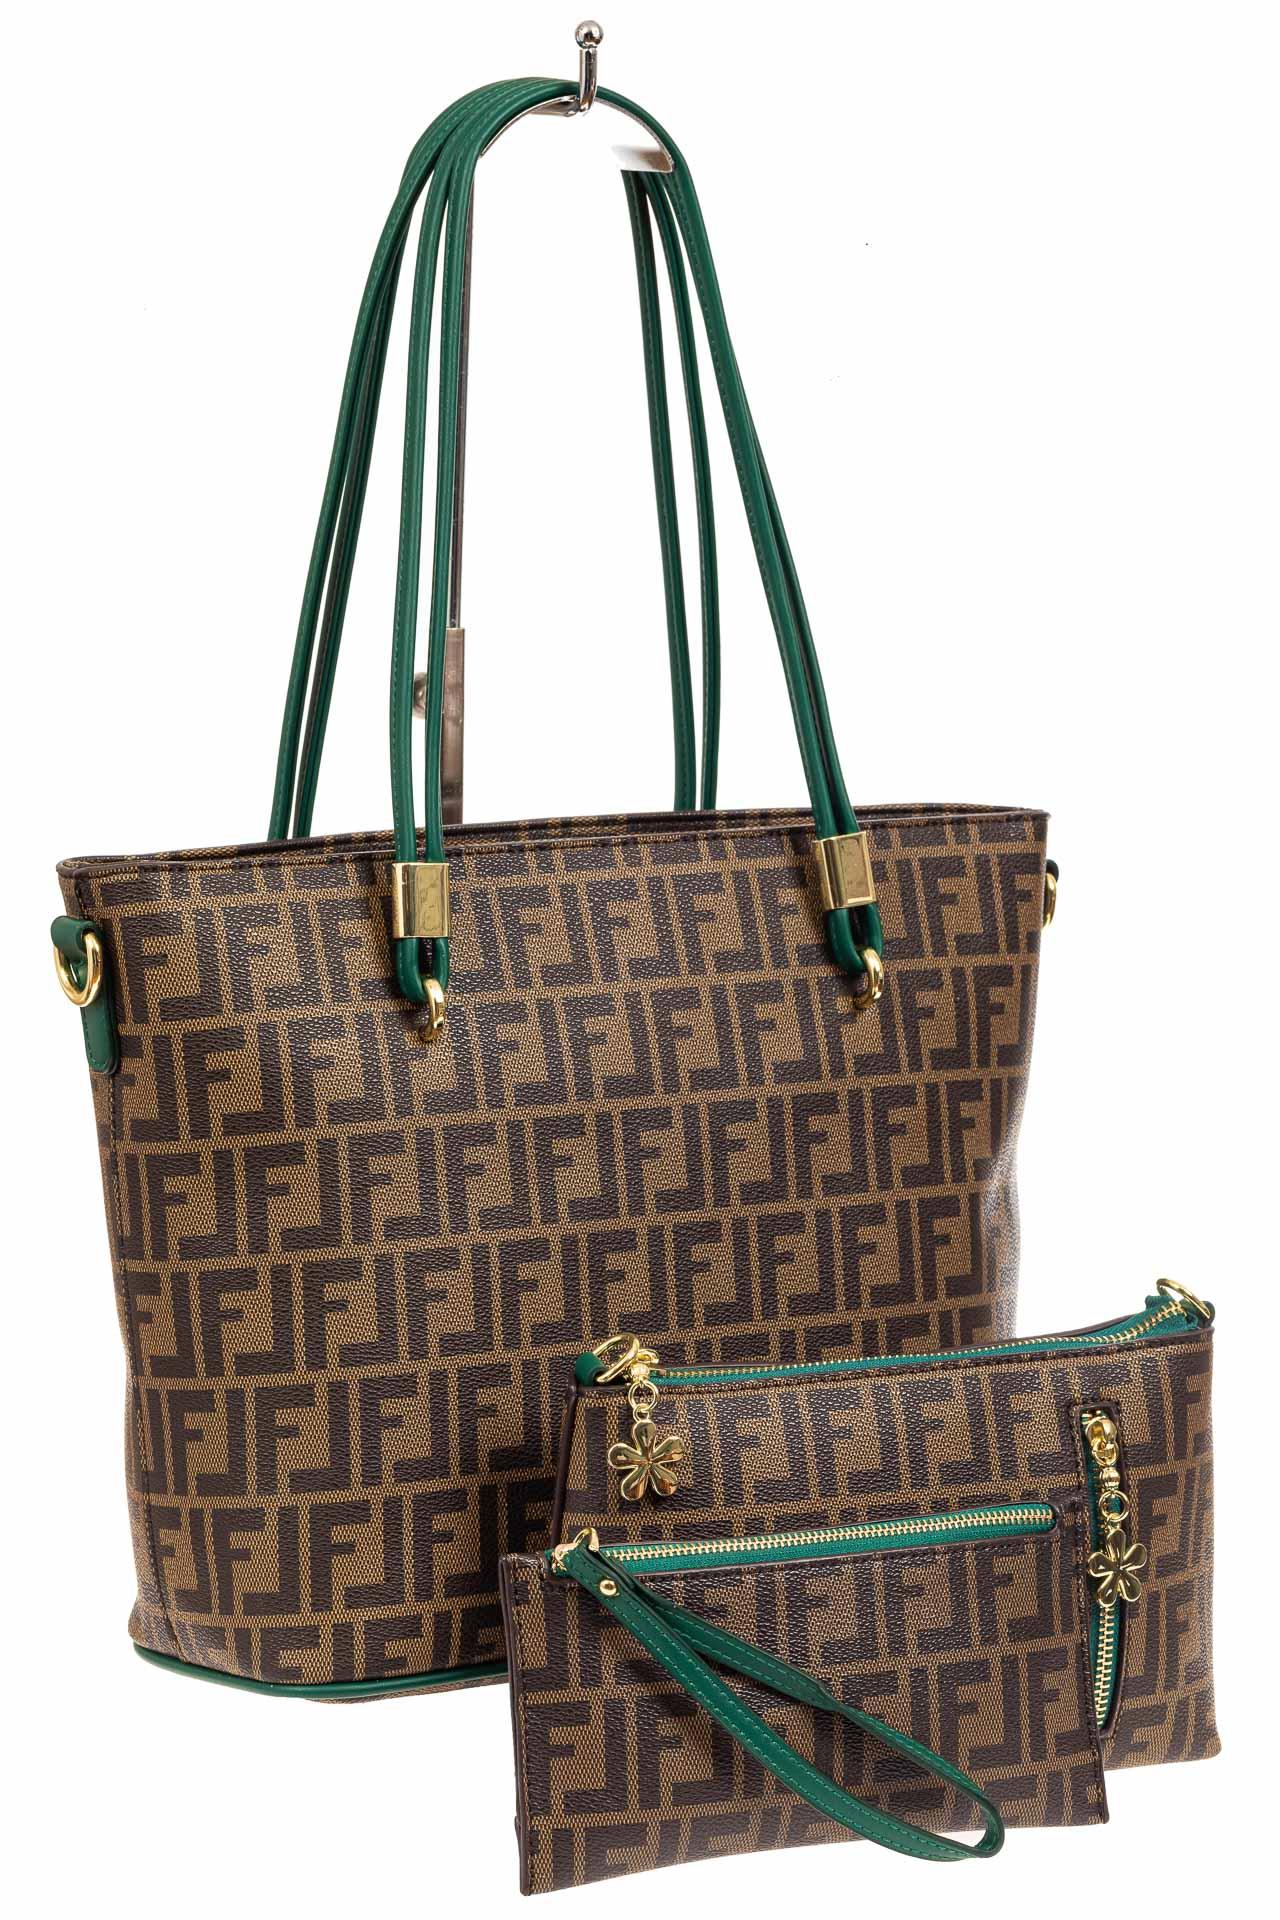 Женская сумка шоппер из искусственной кожи, цвет шоколадA17236-1PJ0520/4